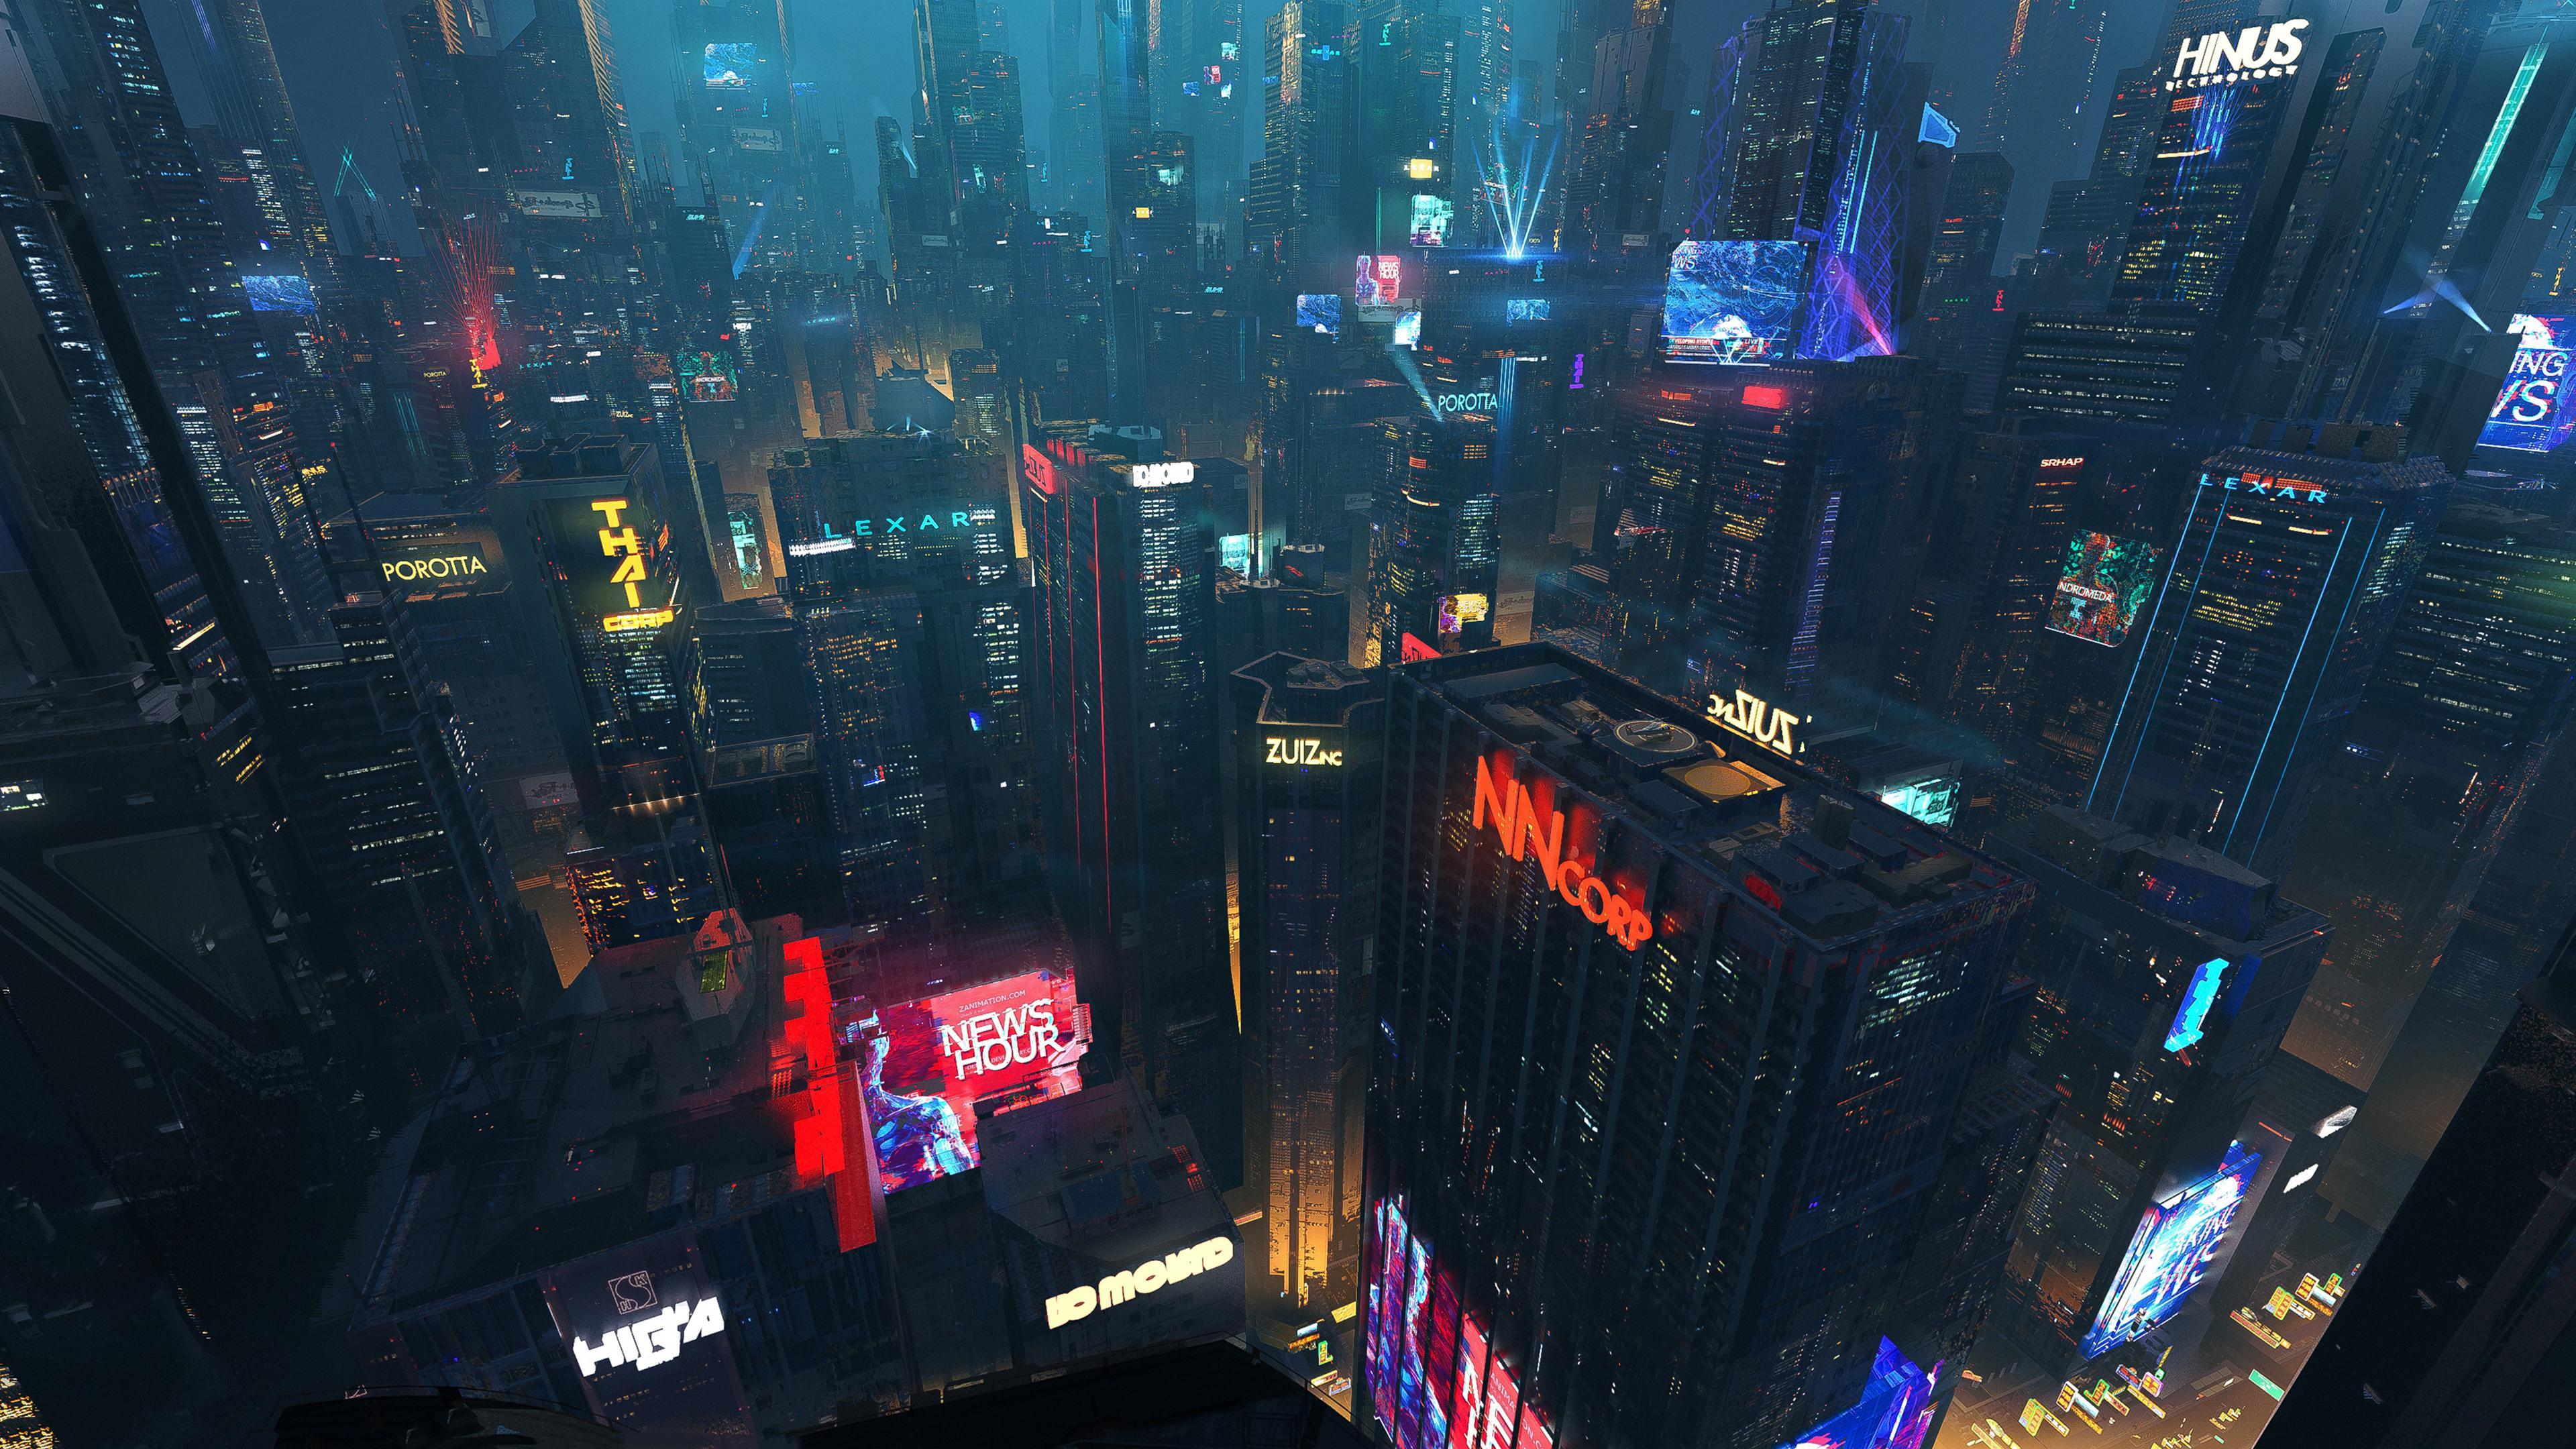 Cyber City 4K wallpaper